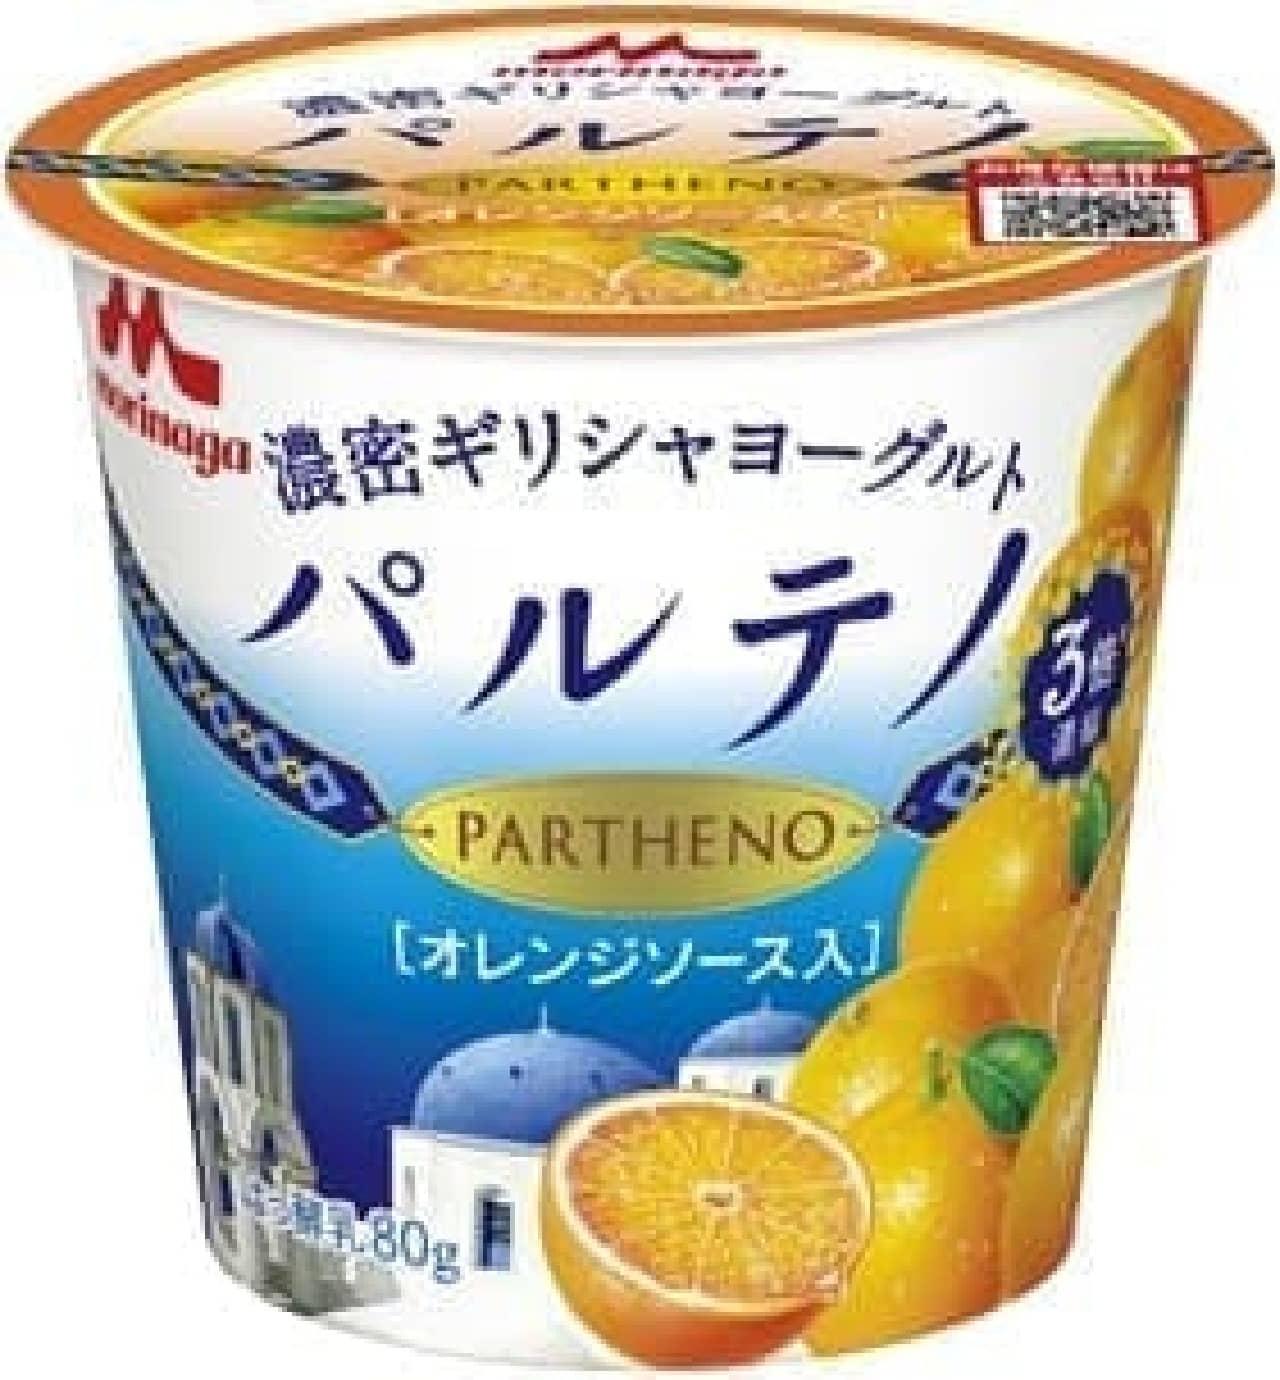 森永乳業「濃密ギリシャヨーグルト パルテノ オレンジソース入」